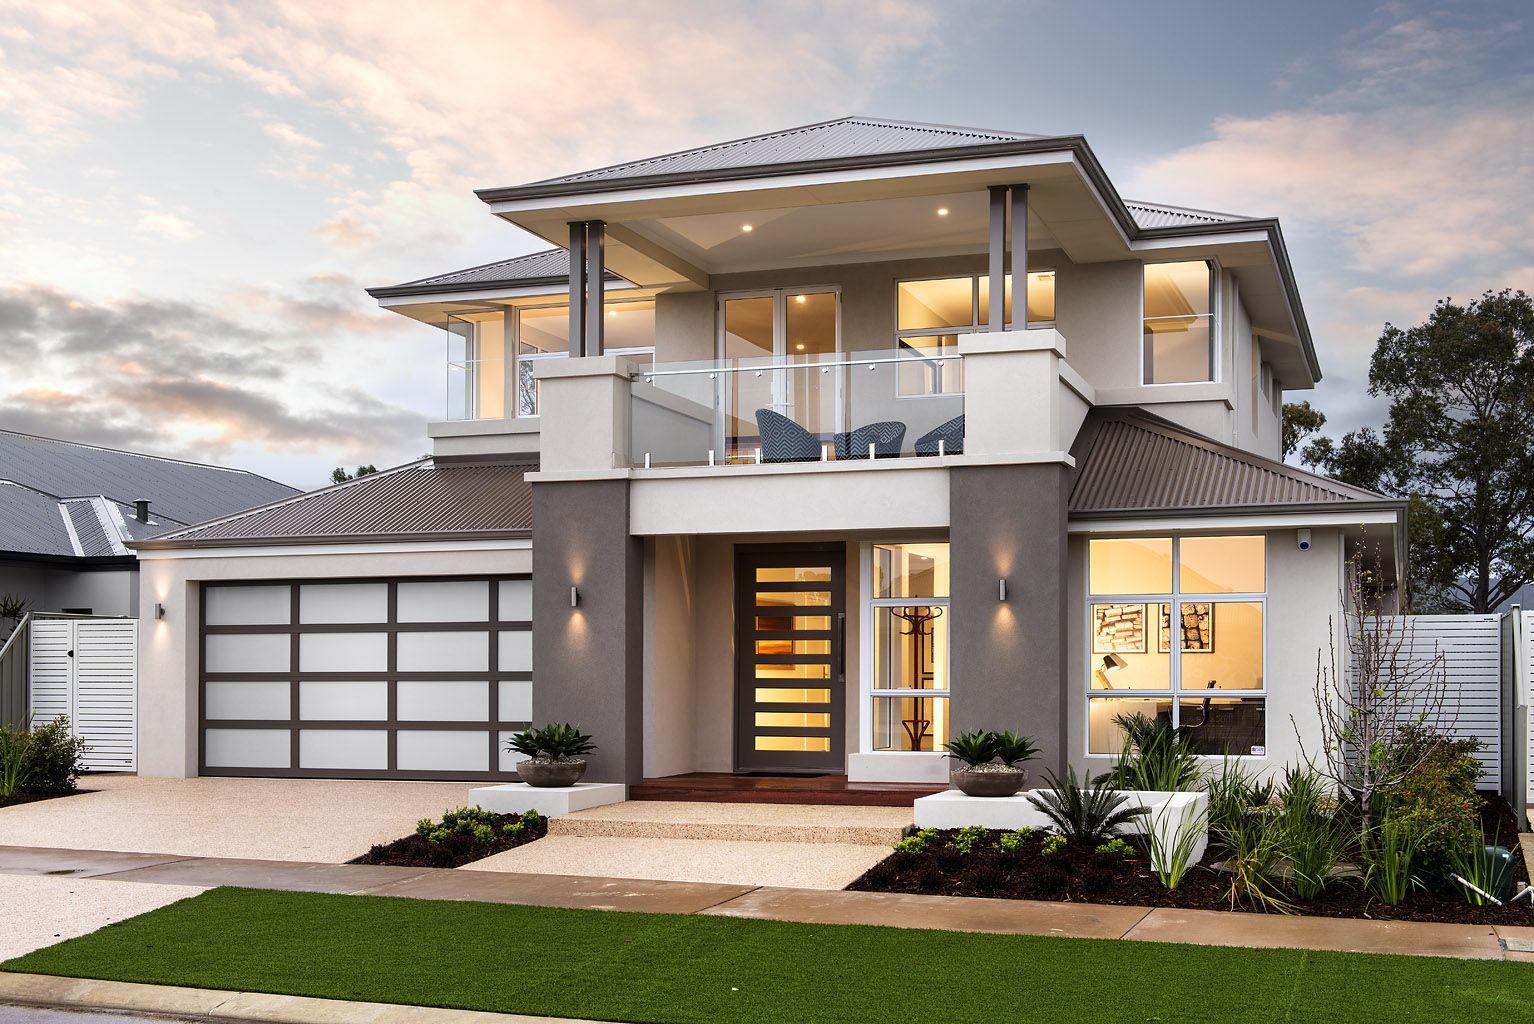 House facade ideas | House facades, Facade design and Glass houses